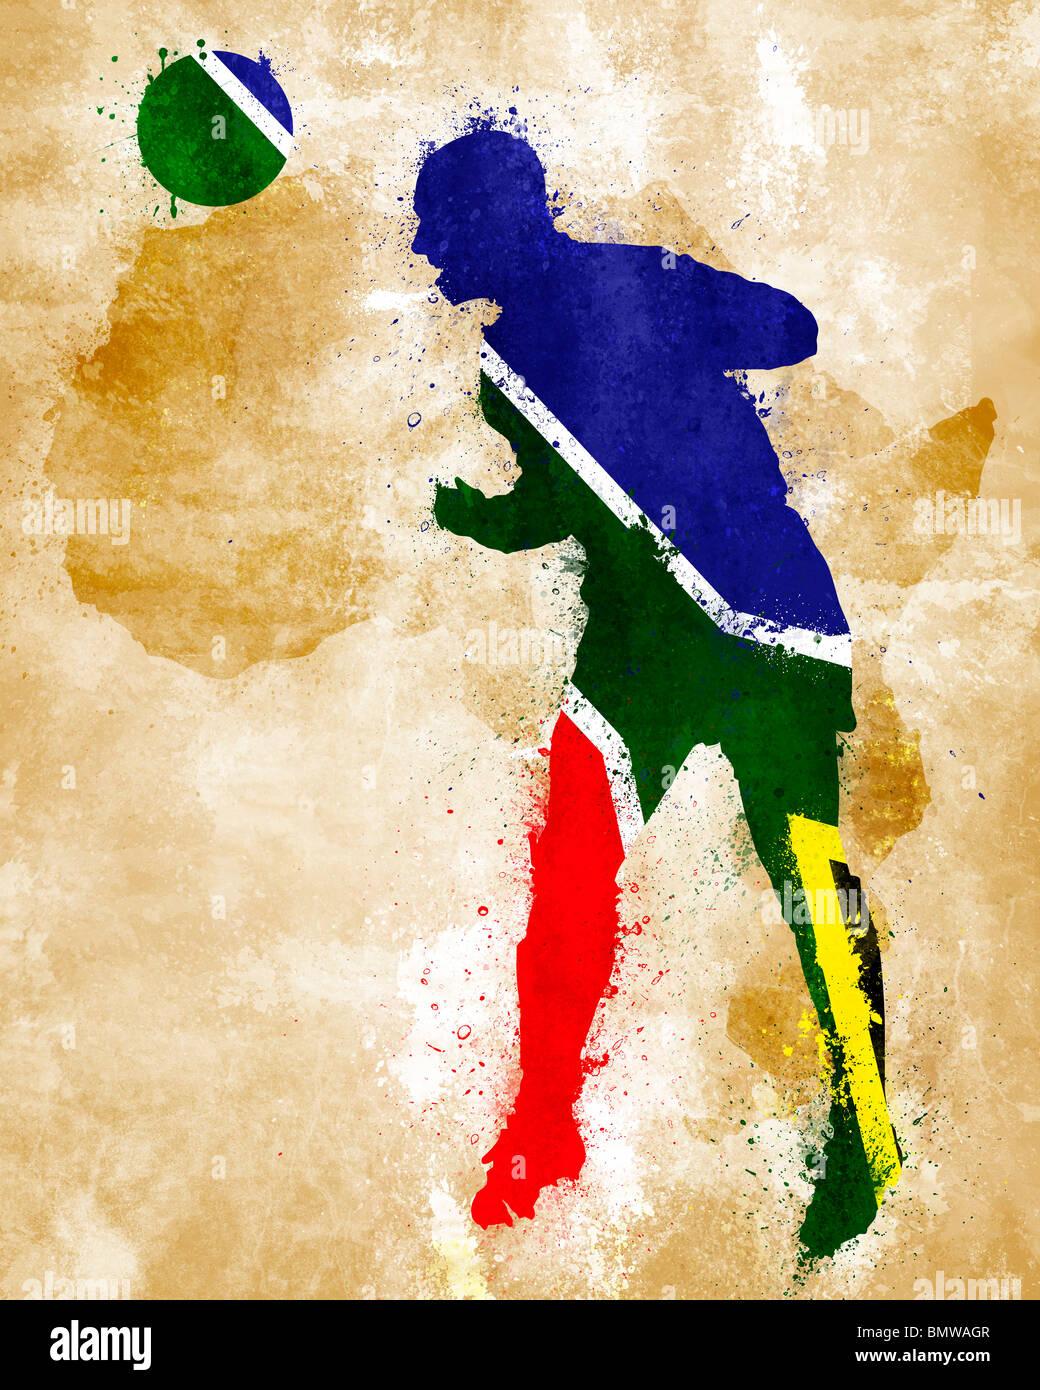 Un joueur de soccer avec drapeau sud-africain peint Photo Stock